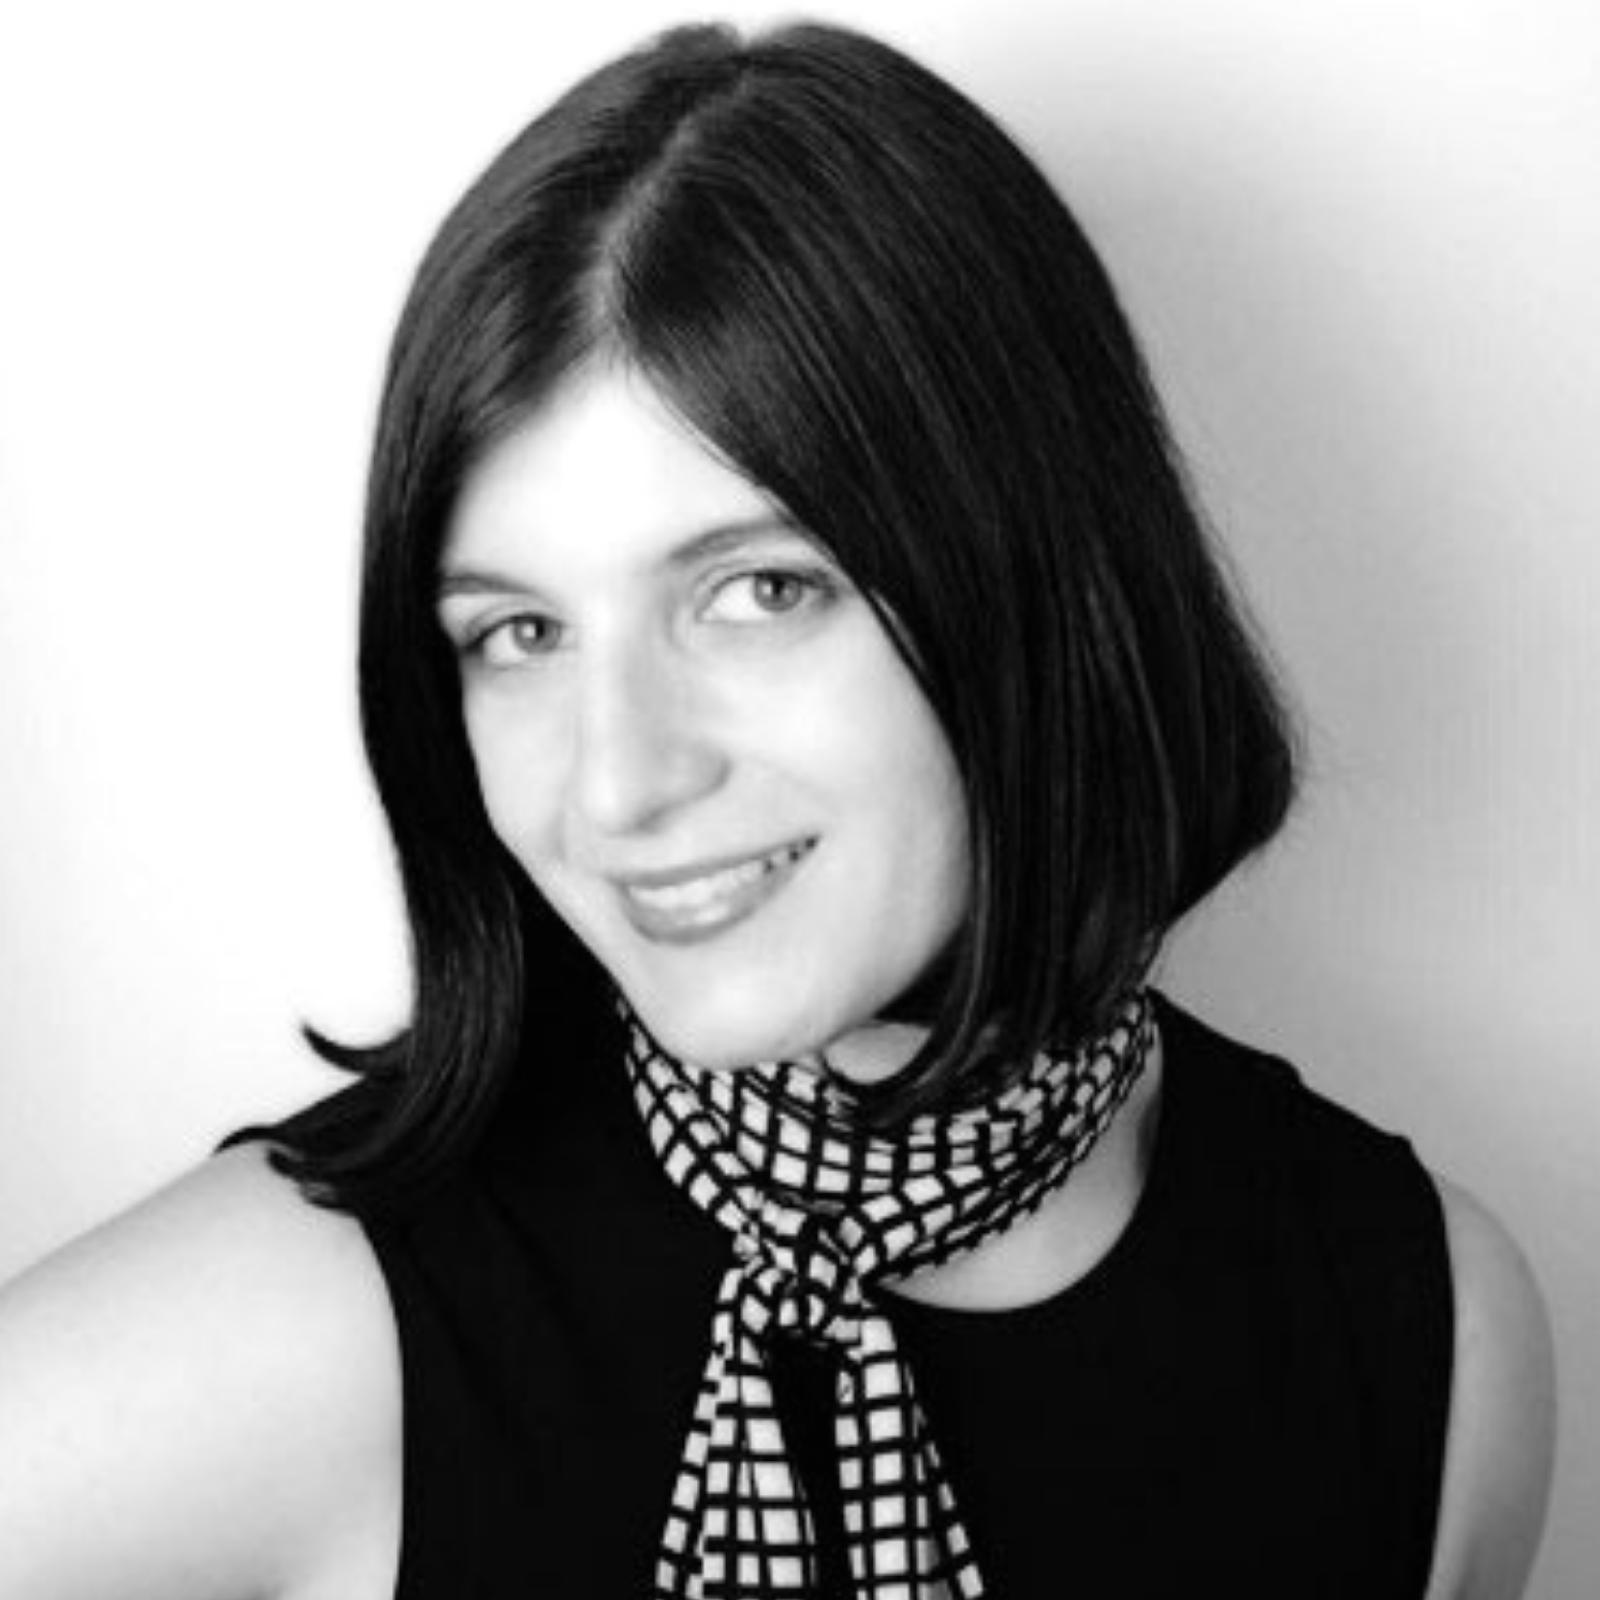 Gabrielle Segal - Business Development Manager for Fine Art, Borro Private Finance